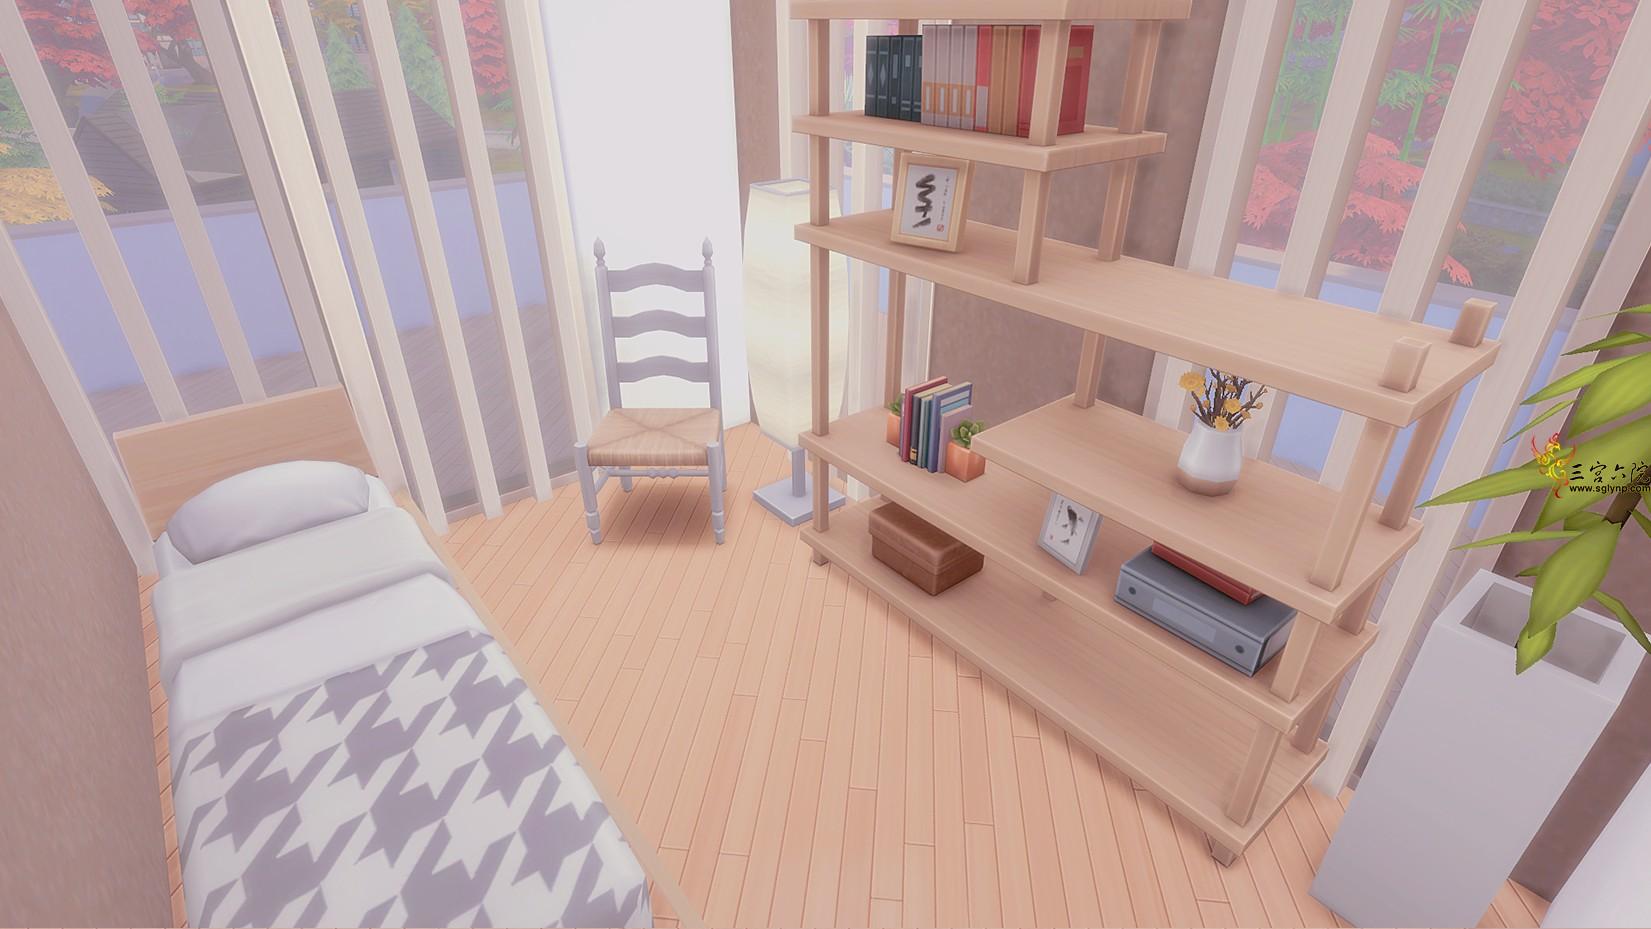 Sims 4 Screenshot 2021.02.14 - 14.10.52.22.png